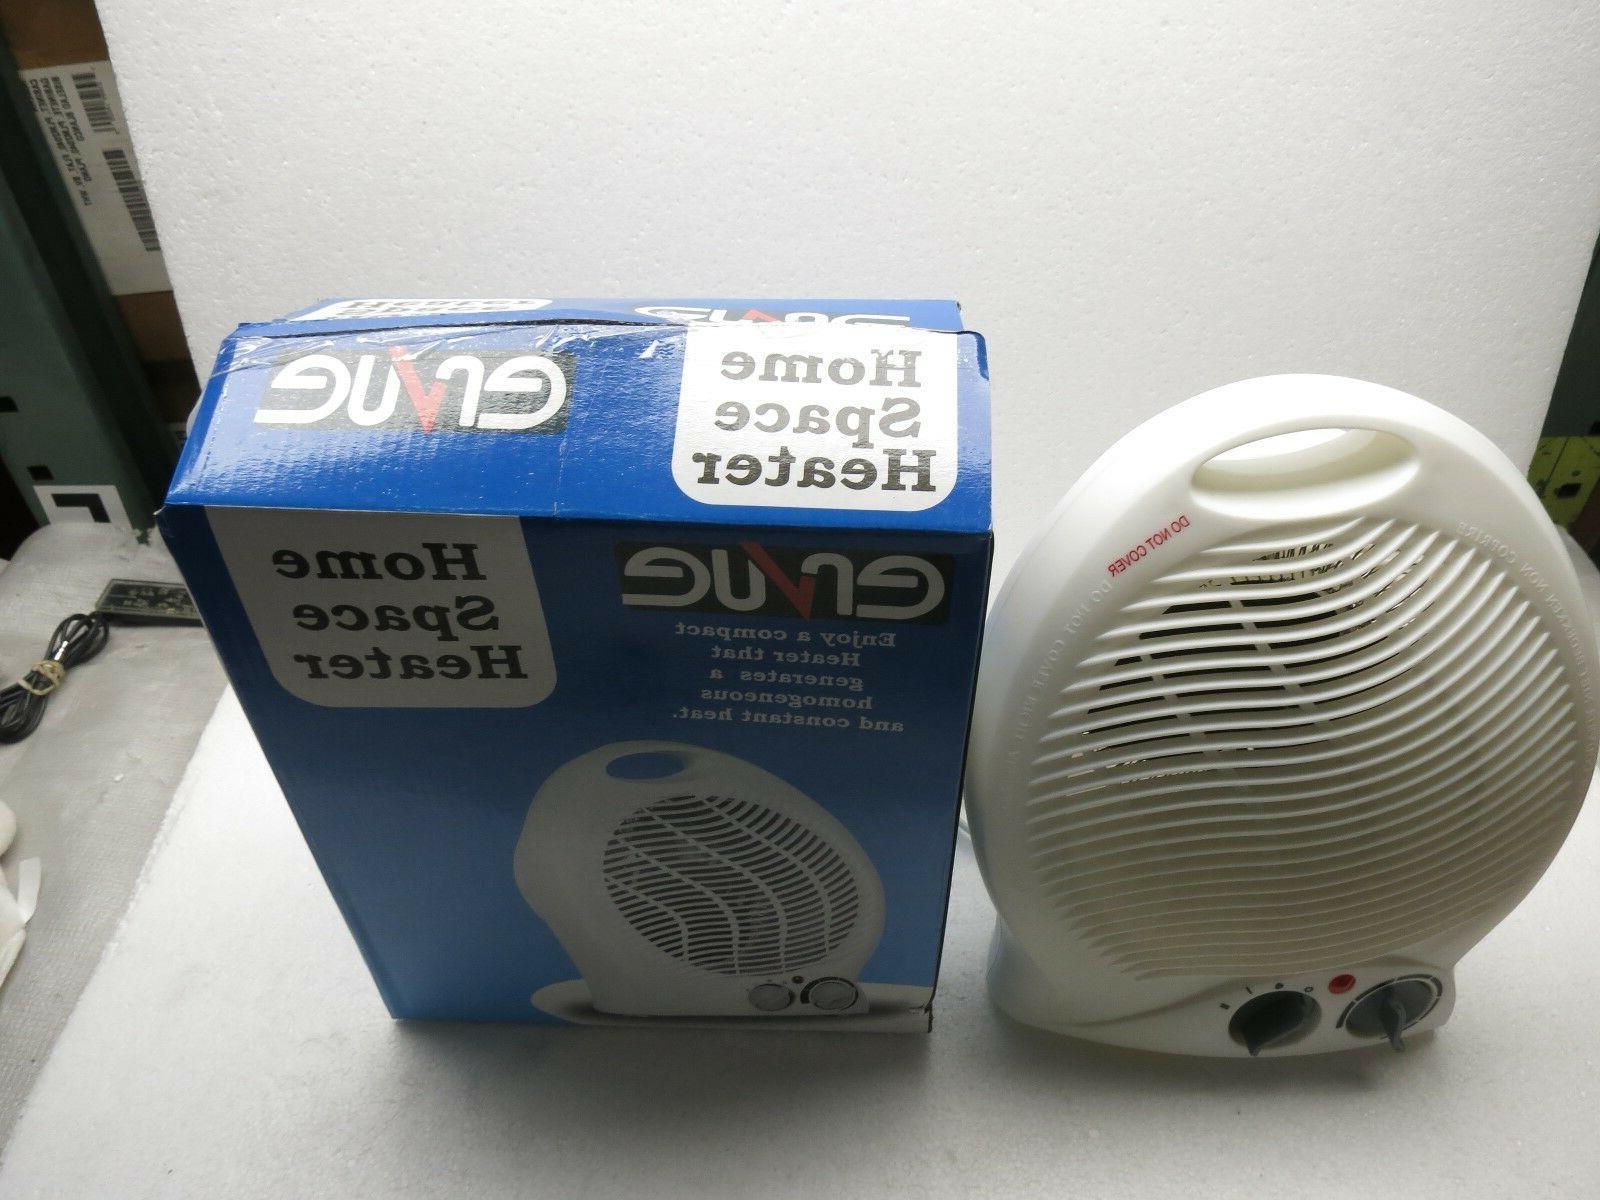 ERVUE Fan Portable Adjustable